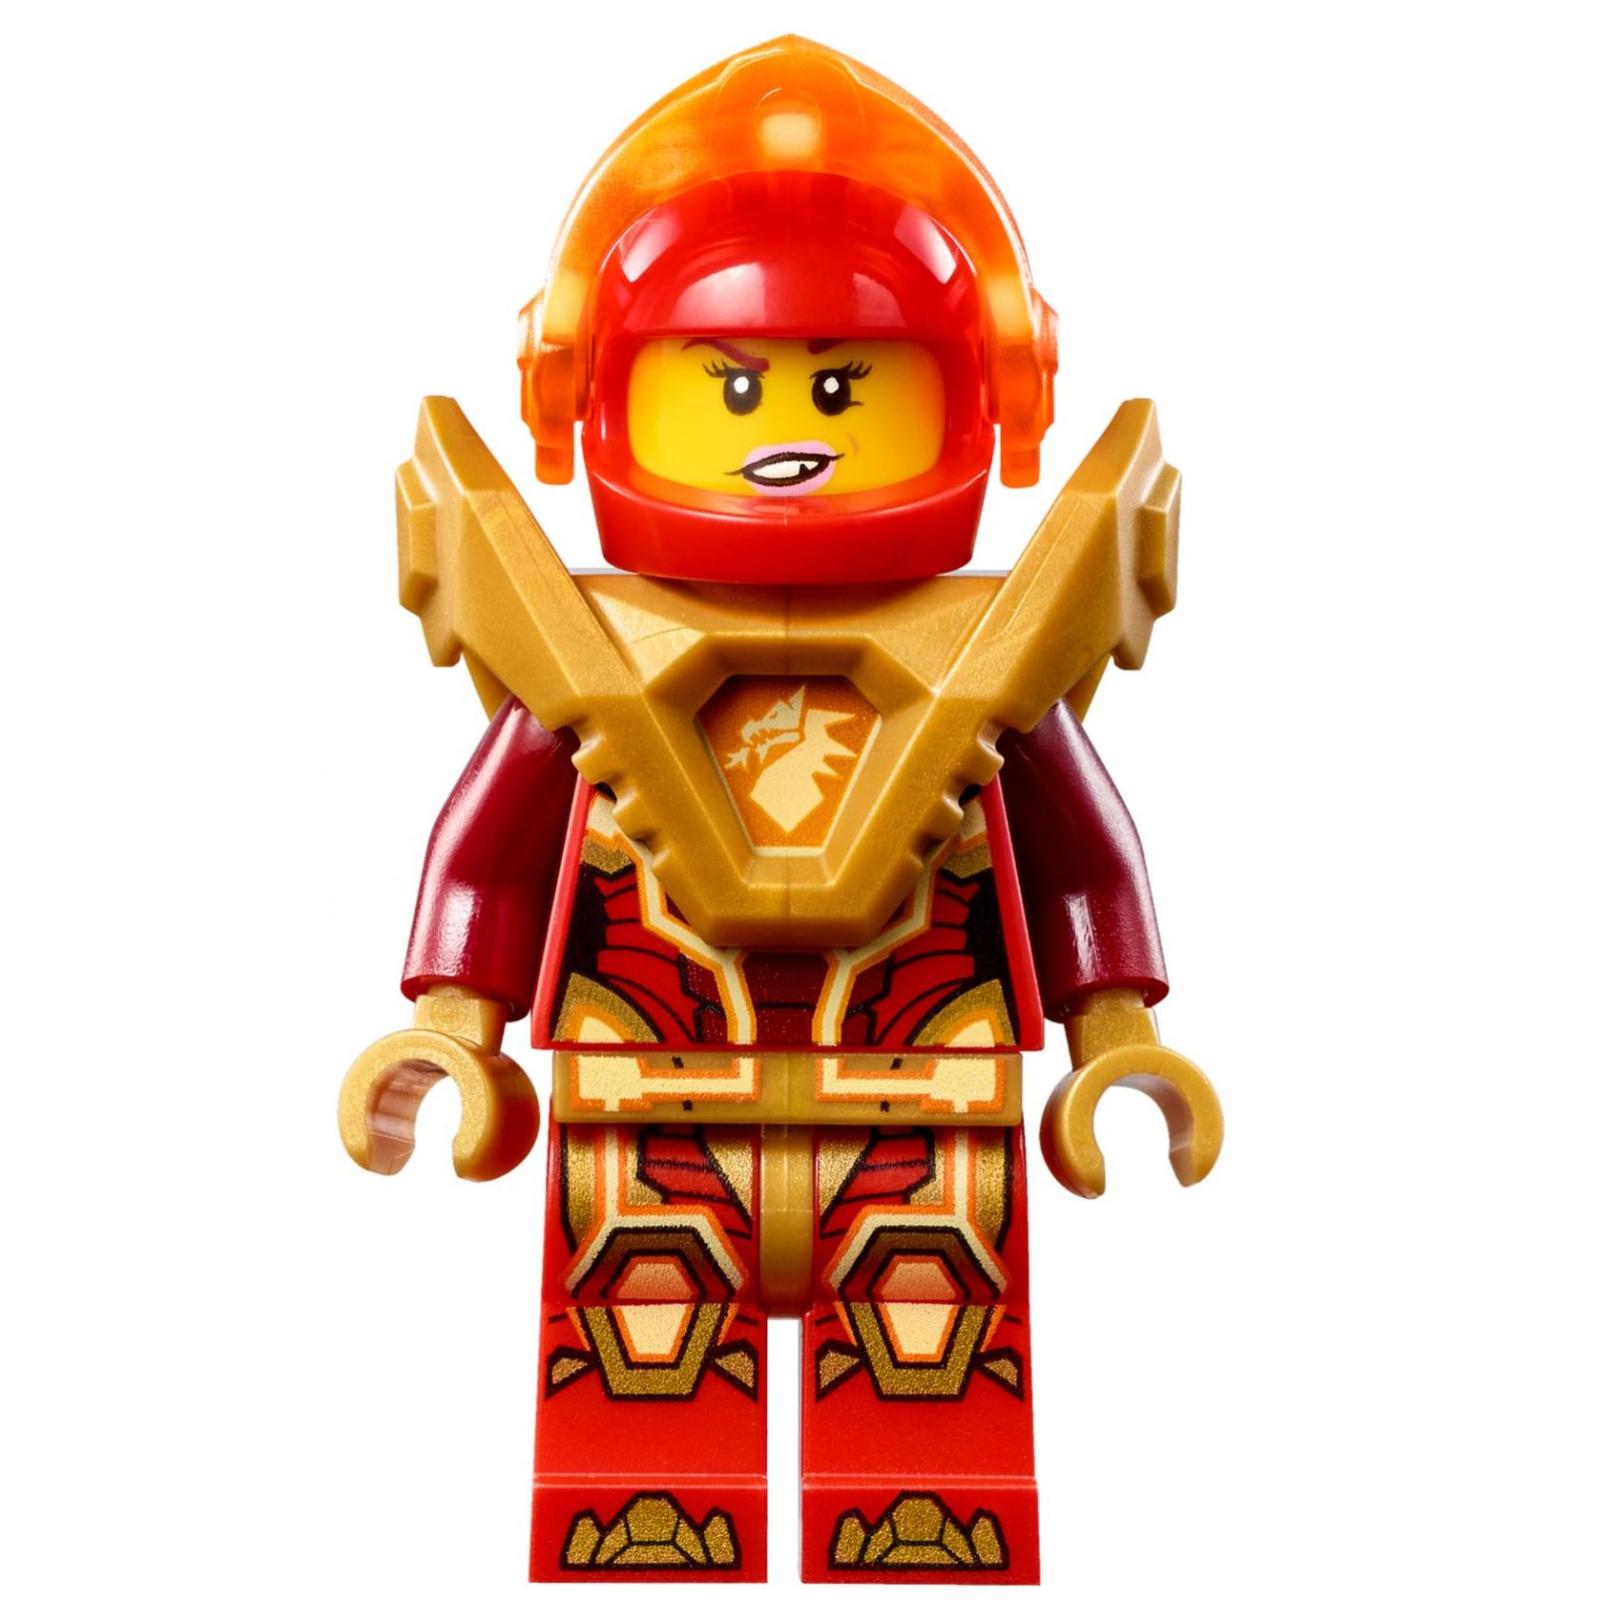 Конструктор LEGO Nexo Knights Бомбардировщик Берсеркер (72003) изображение 10